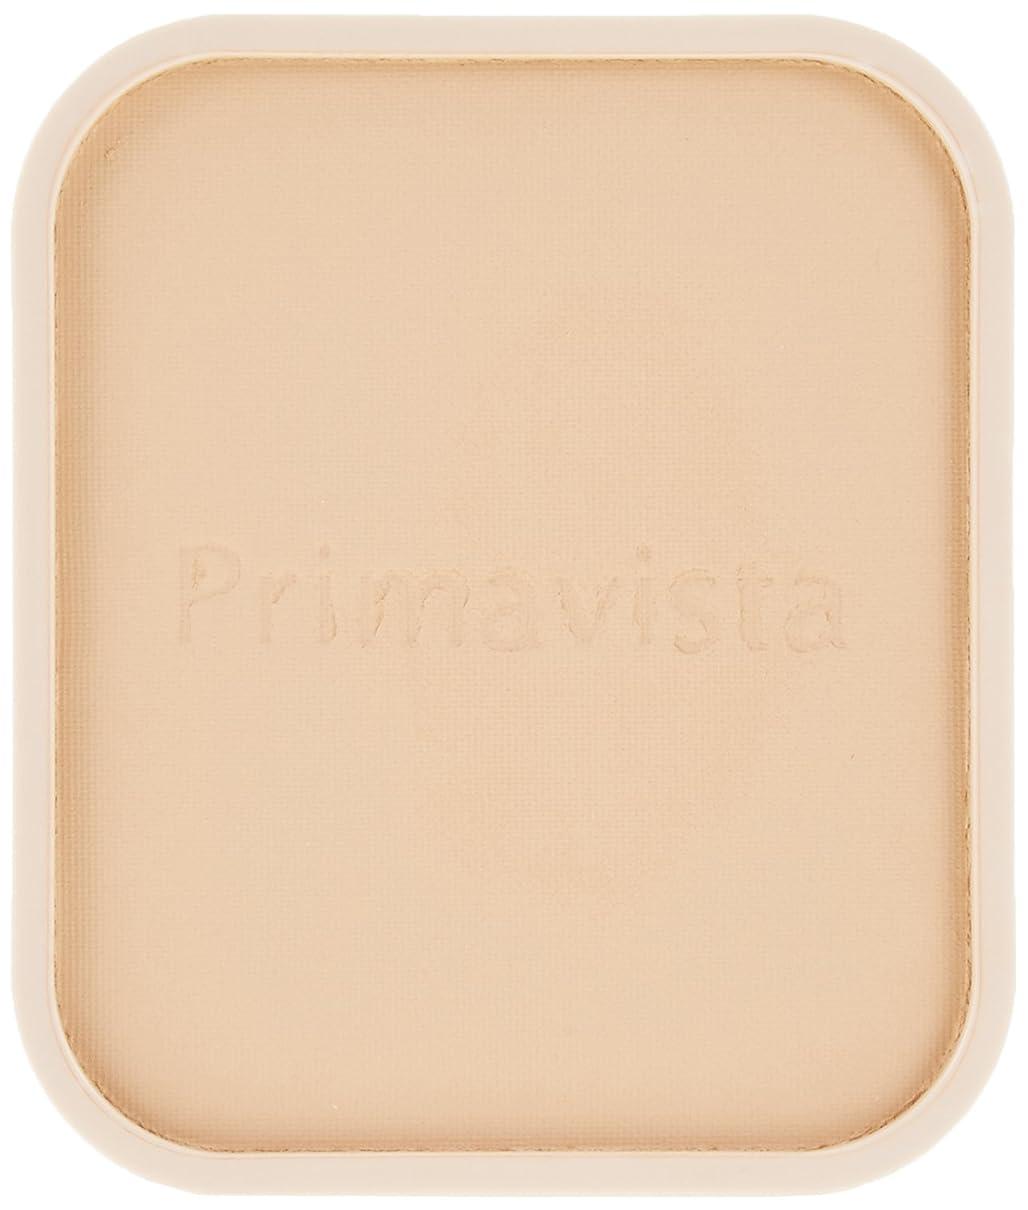 スクラブ今後巨人ソフィーナ プリマヴィスタ くずれにくい 化粧のり実感パウダーファンデーションUV ベージュオークル03 レフィル